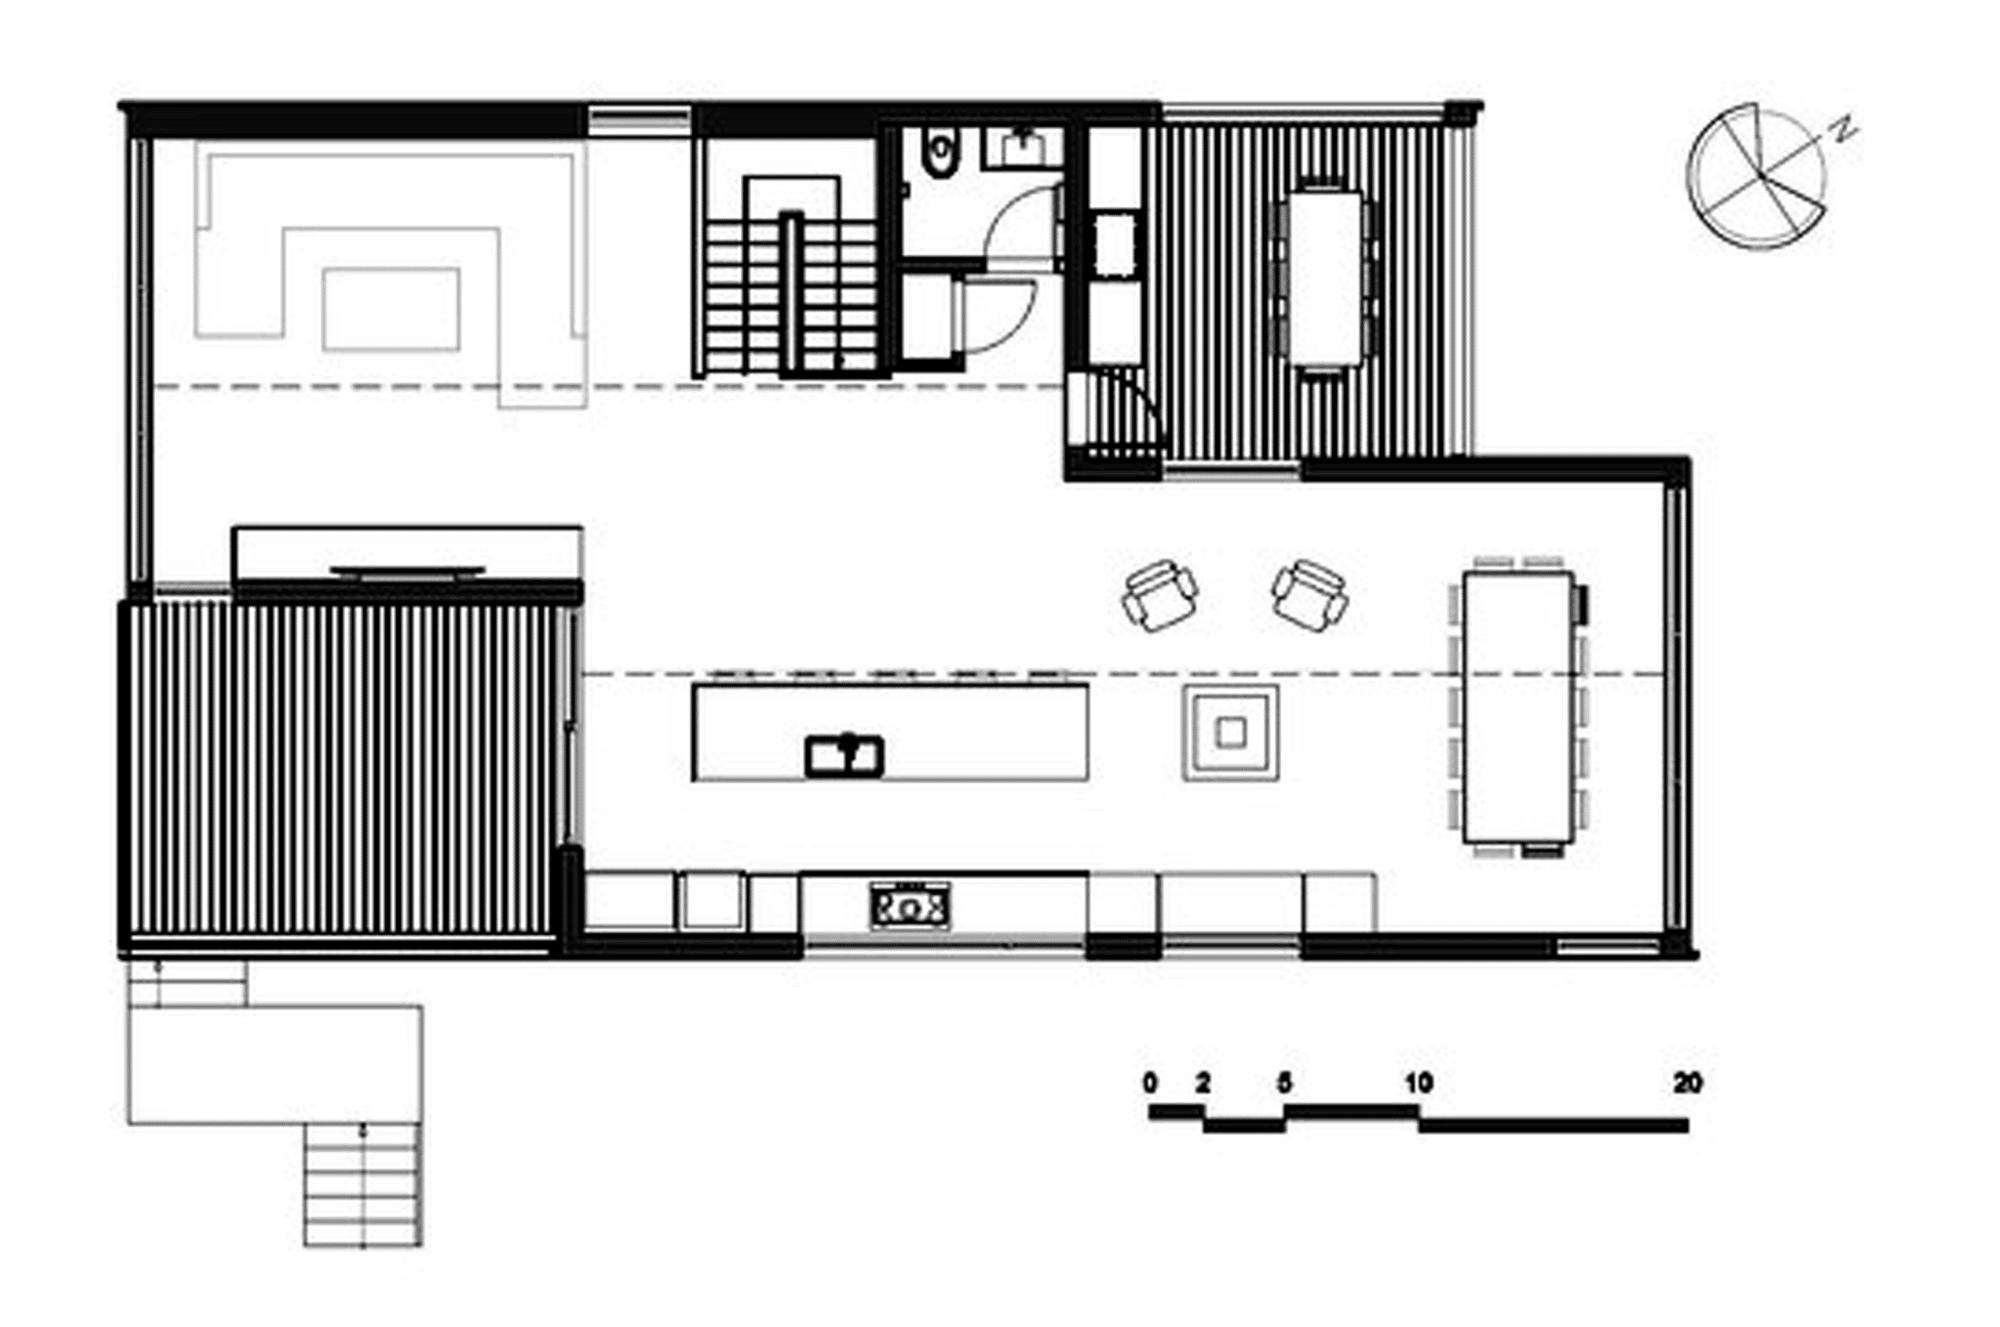 Dise o de casa moderna de dos pisos m s s tano planos for Planos cocinas modernas